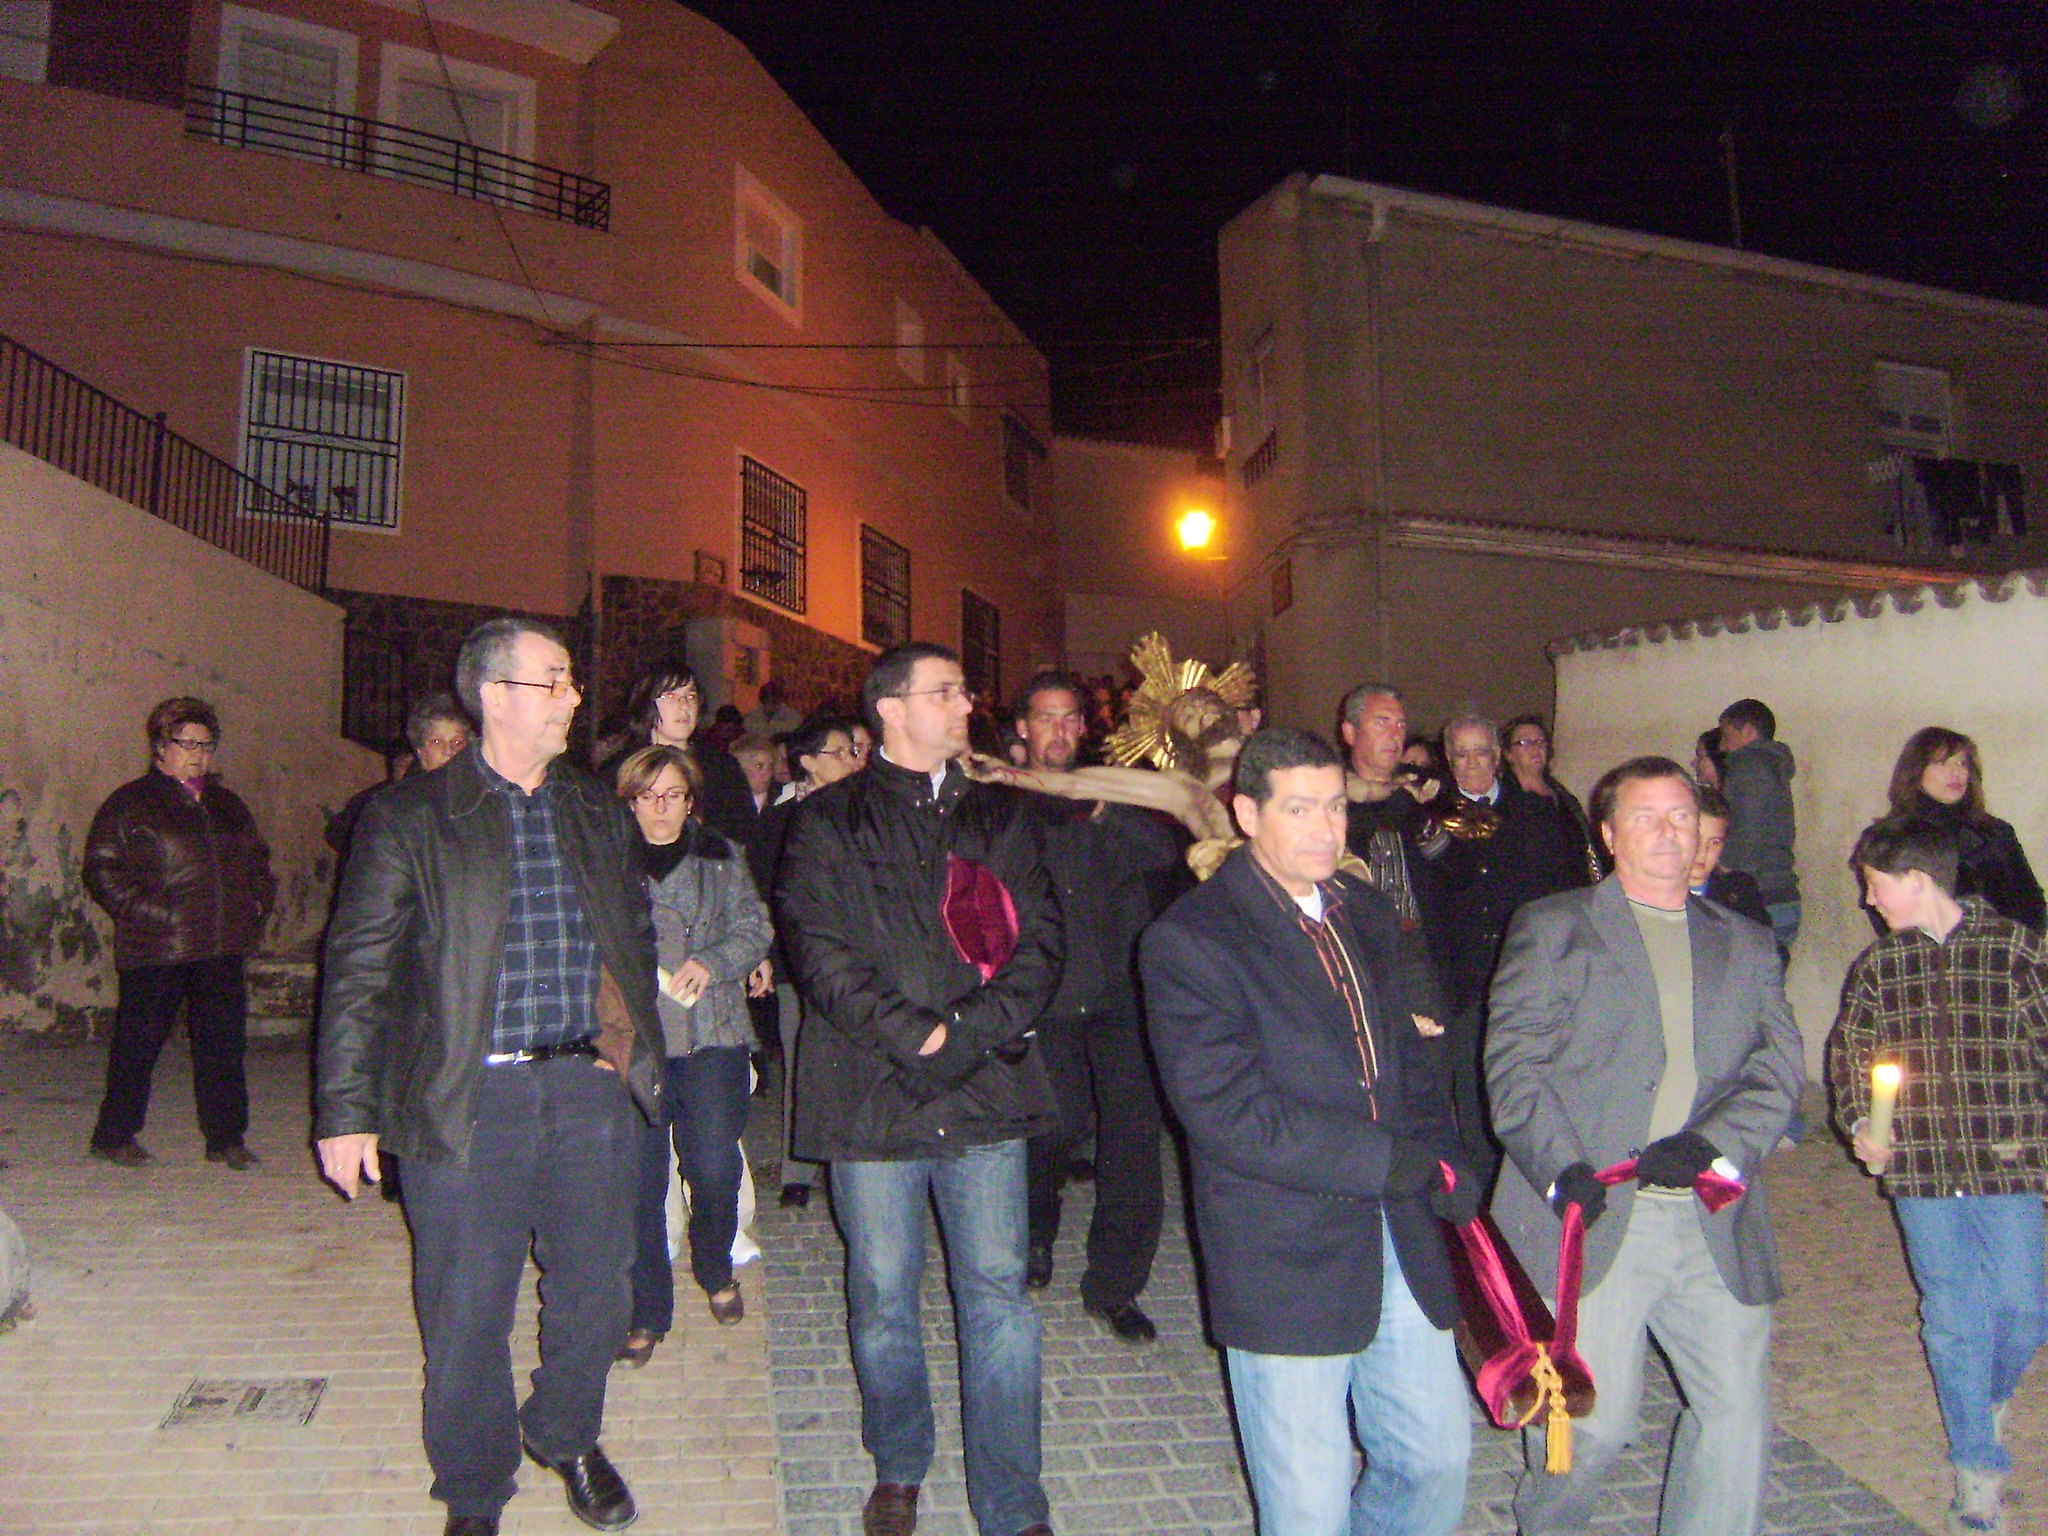 (2010-03-26) - I Vía Crucis nocturno - Javier Romero Ripoll - (05)